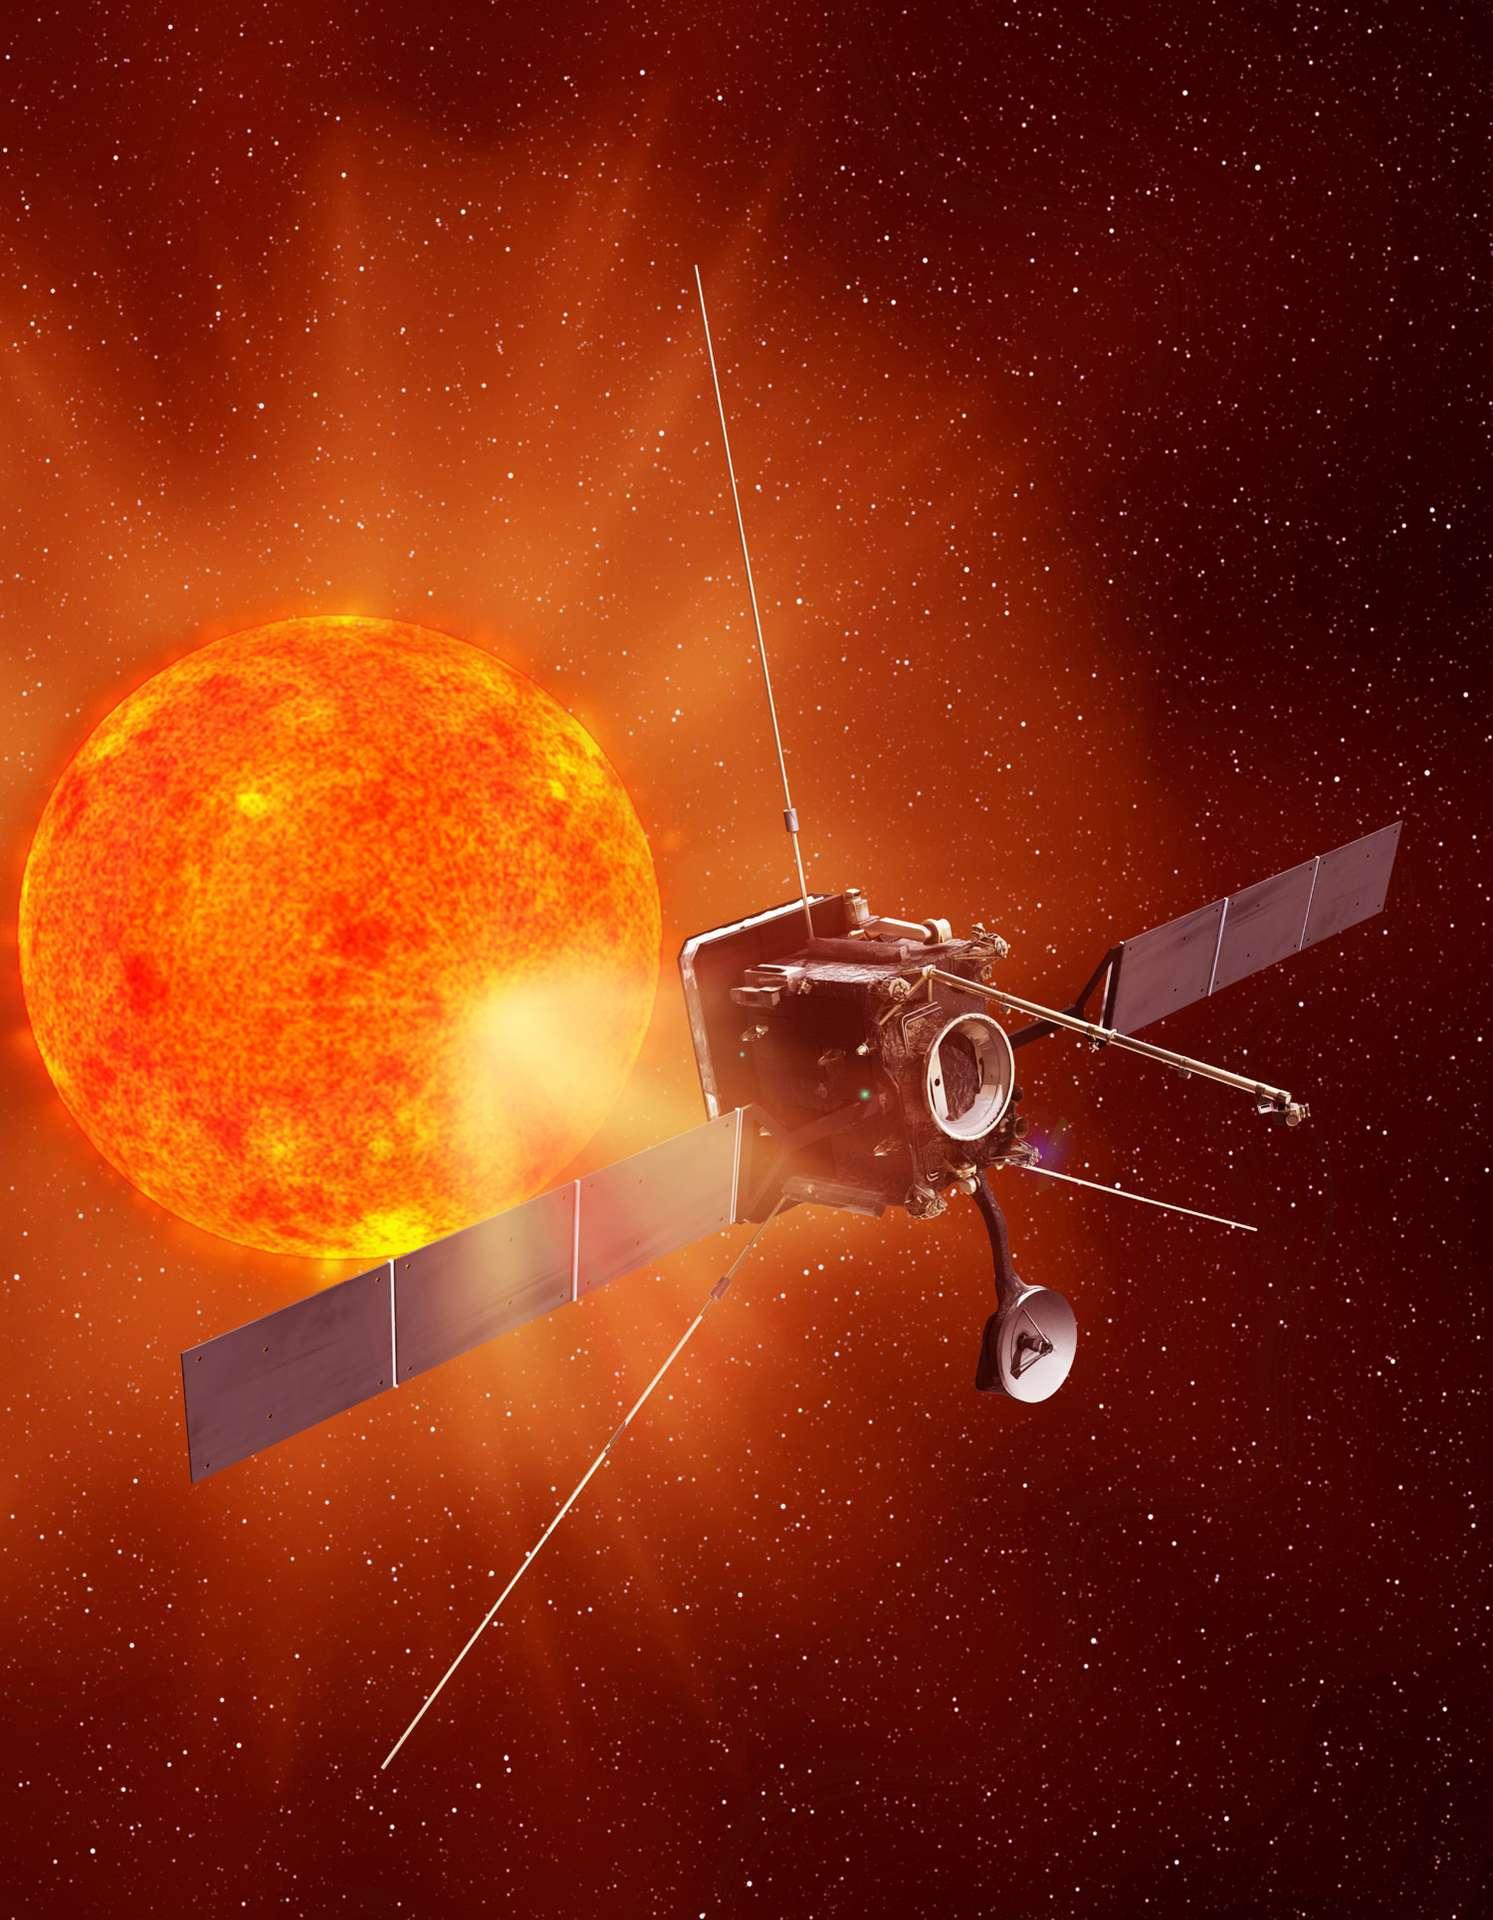 En s'approchant au plus près du Soleil, la sonde Solar Orbiter devrait apporter de nouveaux éclairages sur les interactions du Soleil avec son environnement, ainsi que sur les mécanismes de formation du vent solaire dans lequel les planètes évoluent. © Astrium/Esa